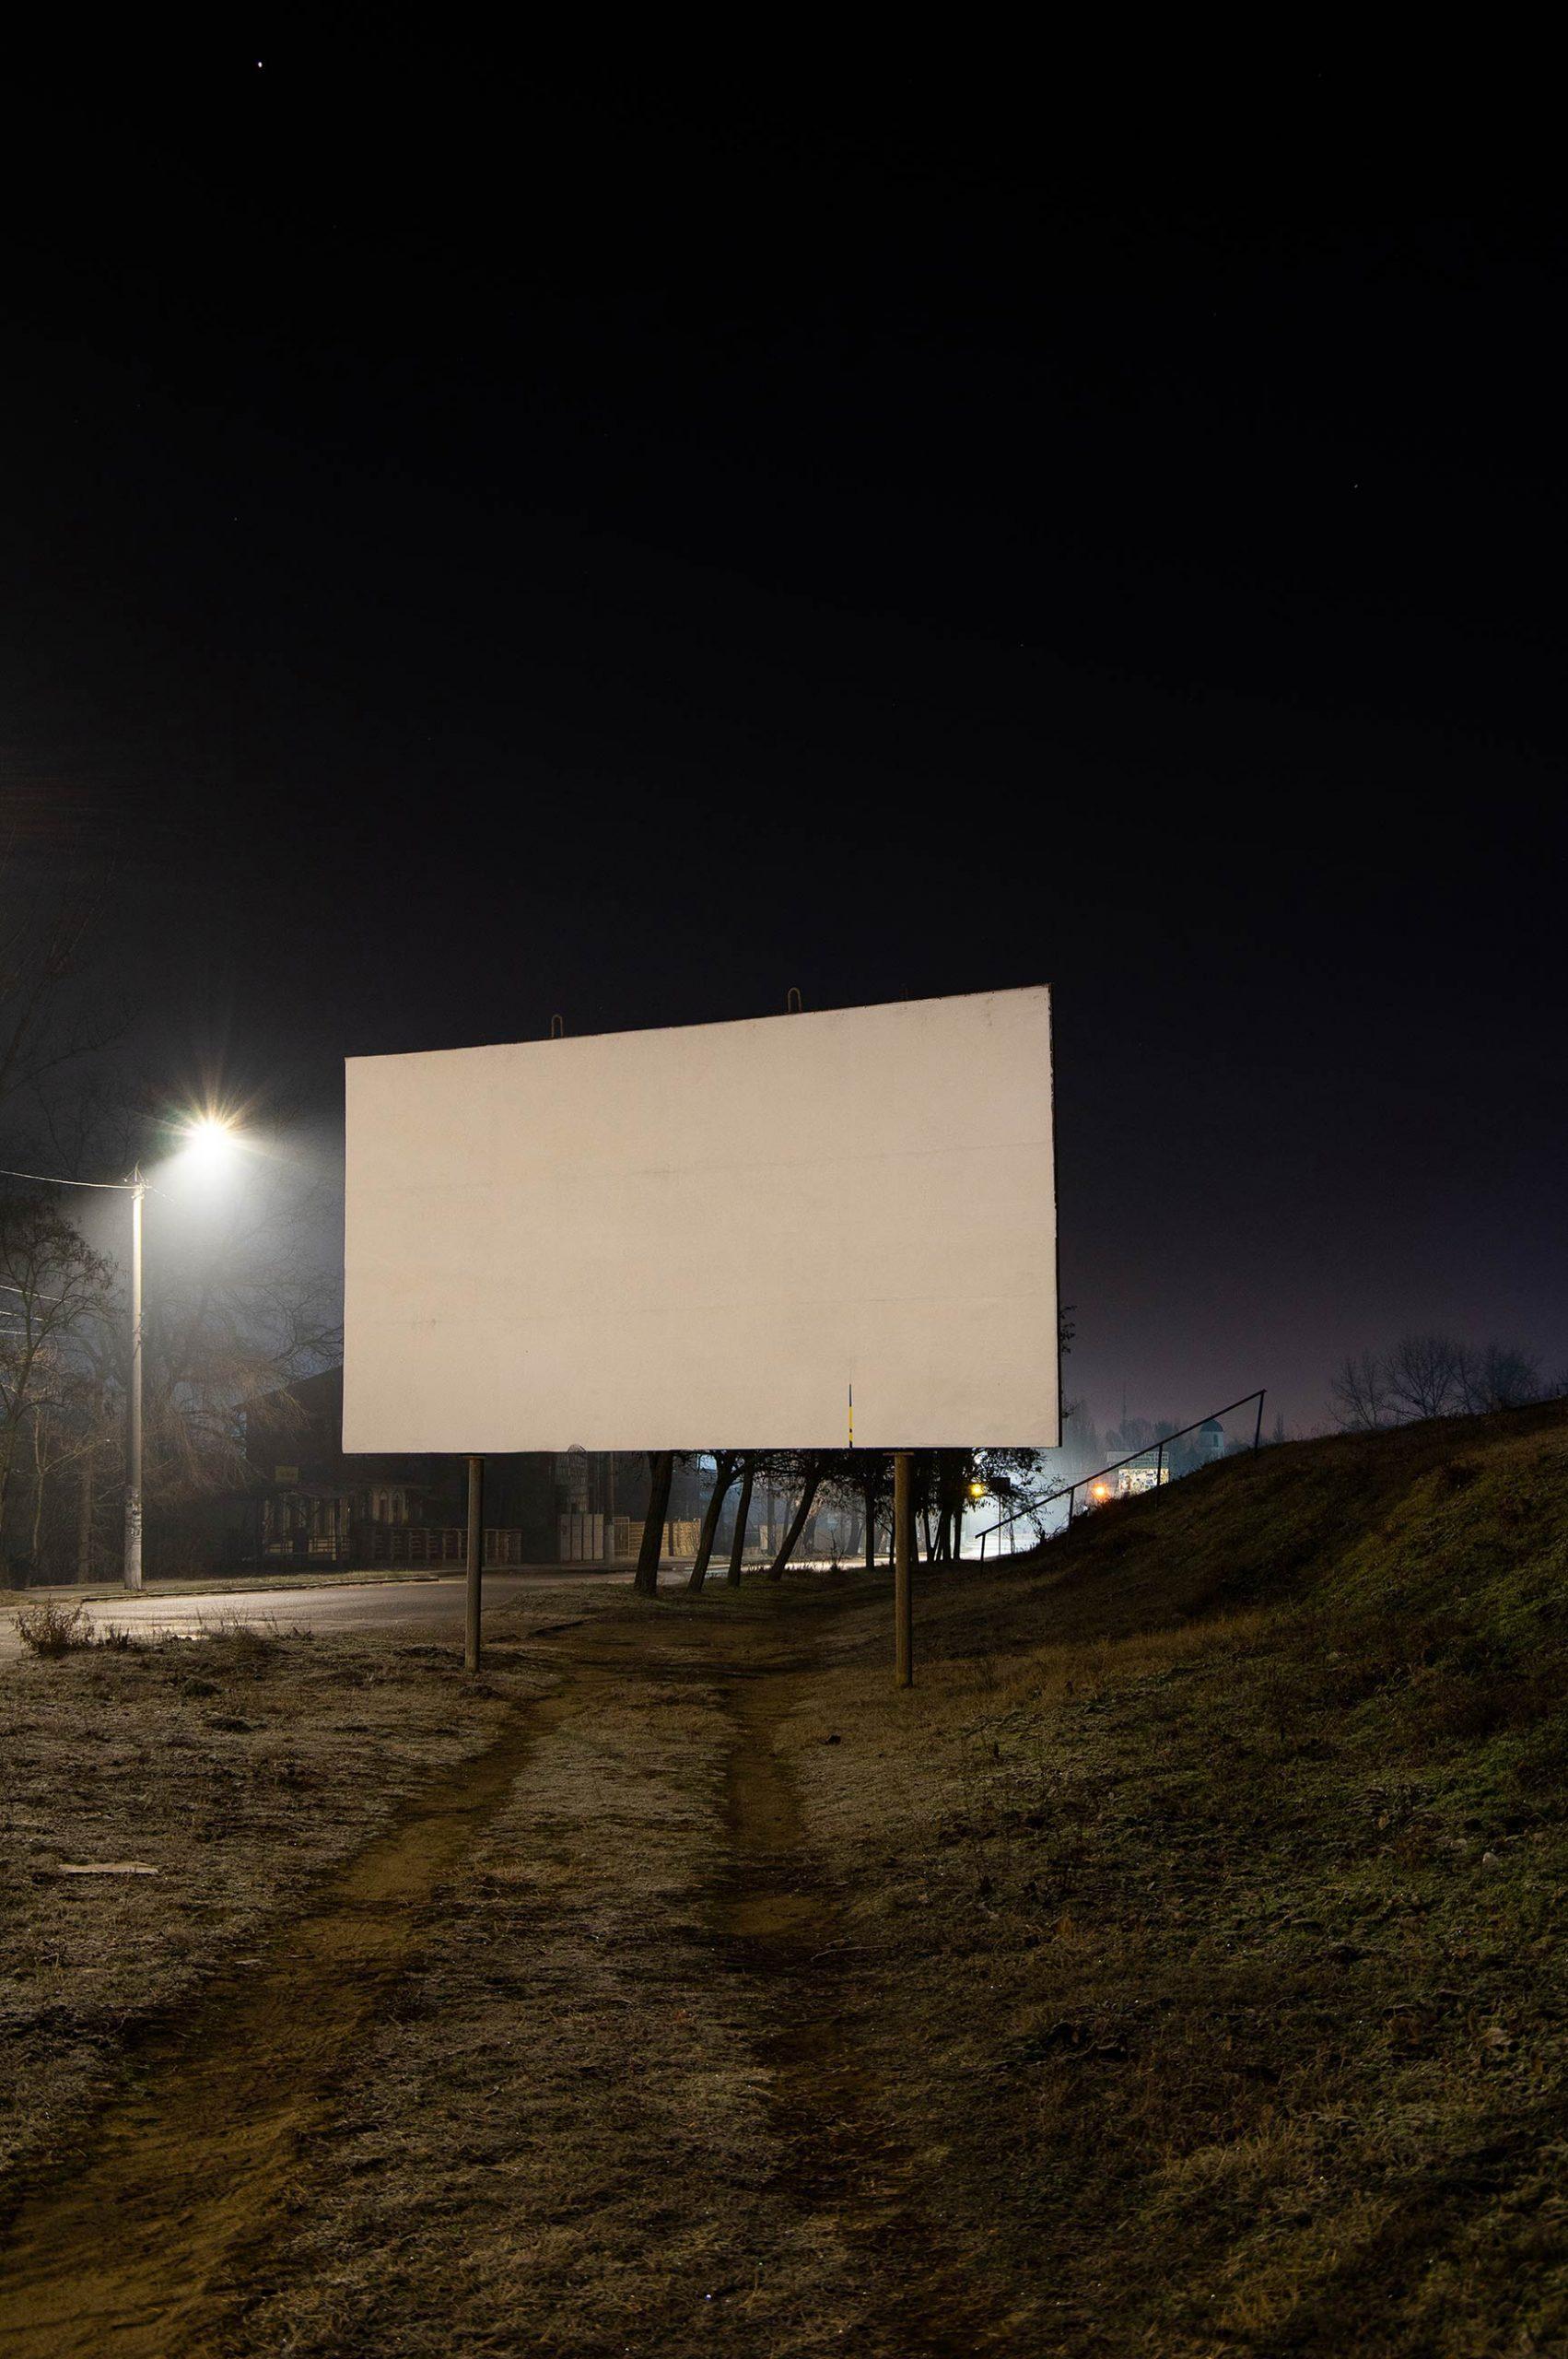 neselenko pic 06b scaled - <b>Світло і Слід.</b> Саша Населенко у «Рівні цензури» - Заборона